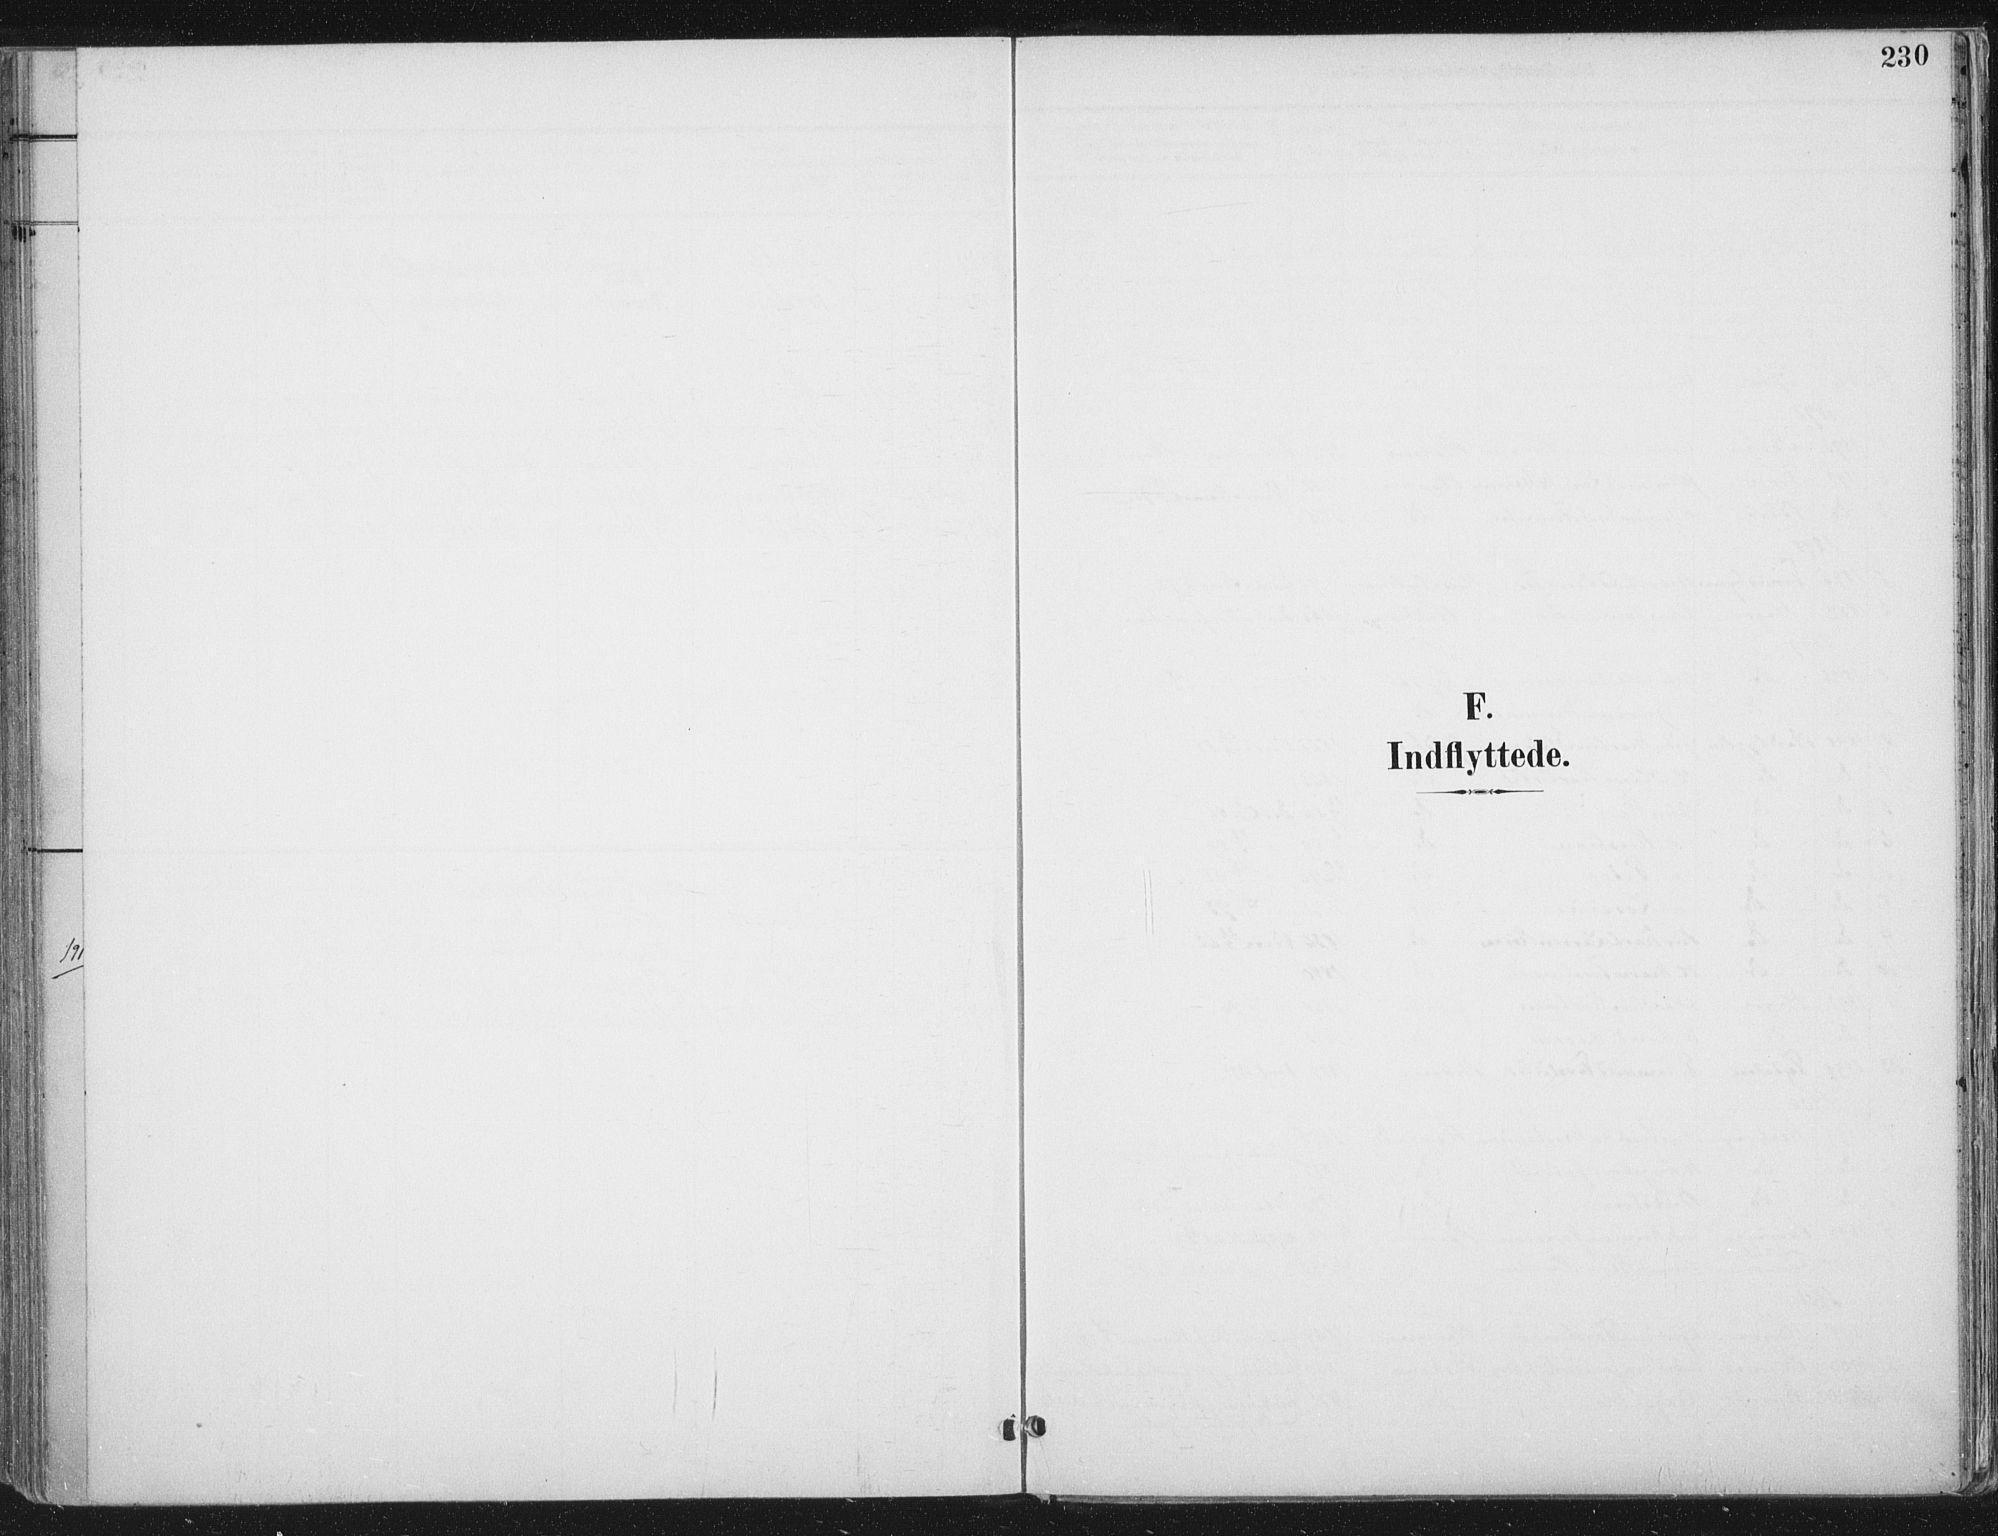 SAT, Ministerialprotokoller, klokkerbøker og fødselsregistre - Nord-Trøndelag, 709/L0082: Ministerialbok nr. 709A22, 1896-1916, s. 230